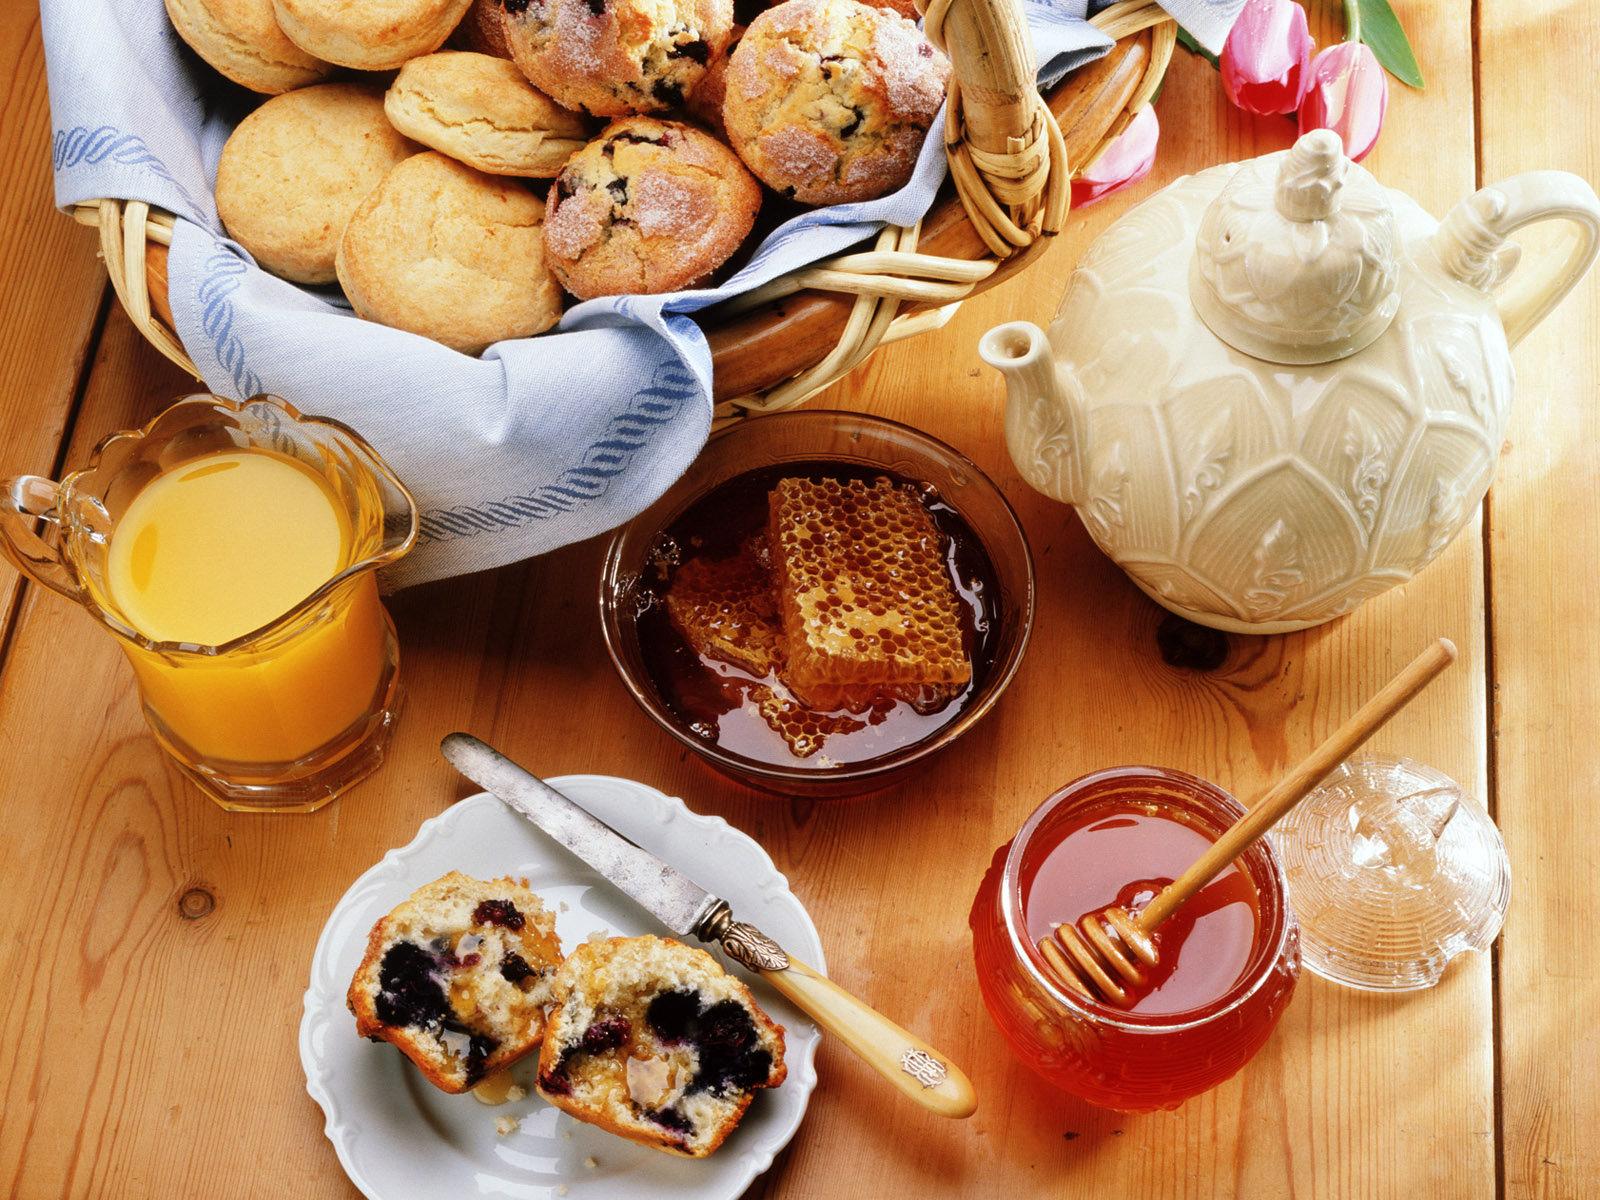 El desayuno: ¿Cómo comenzar bien el día?